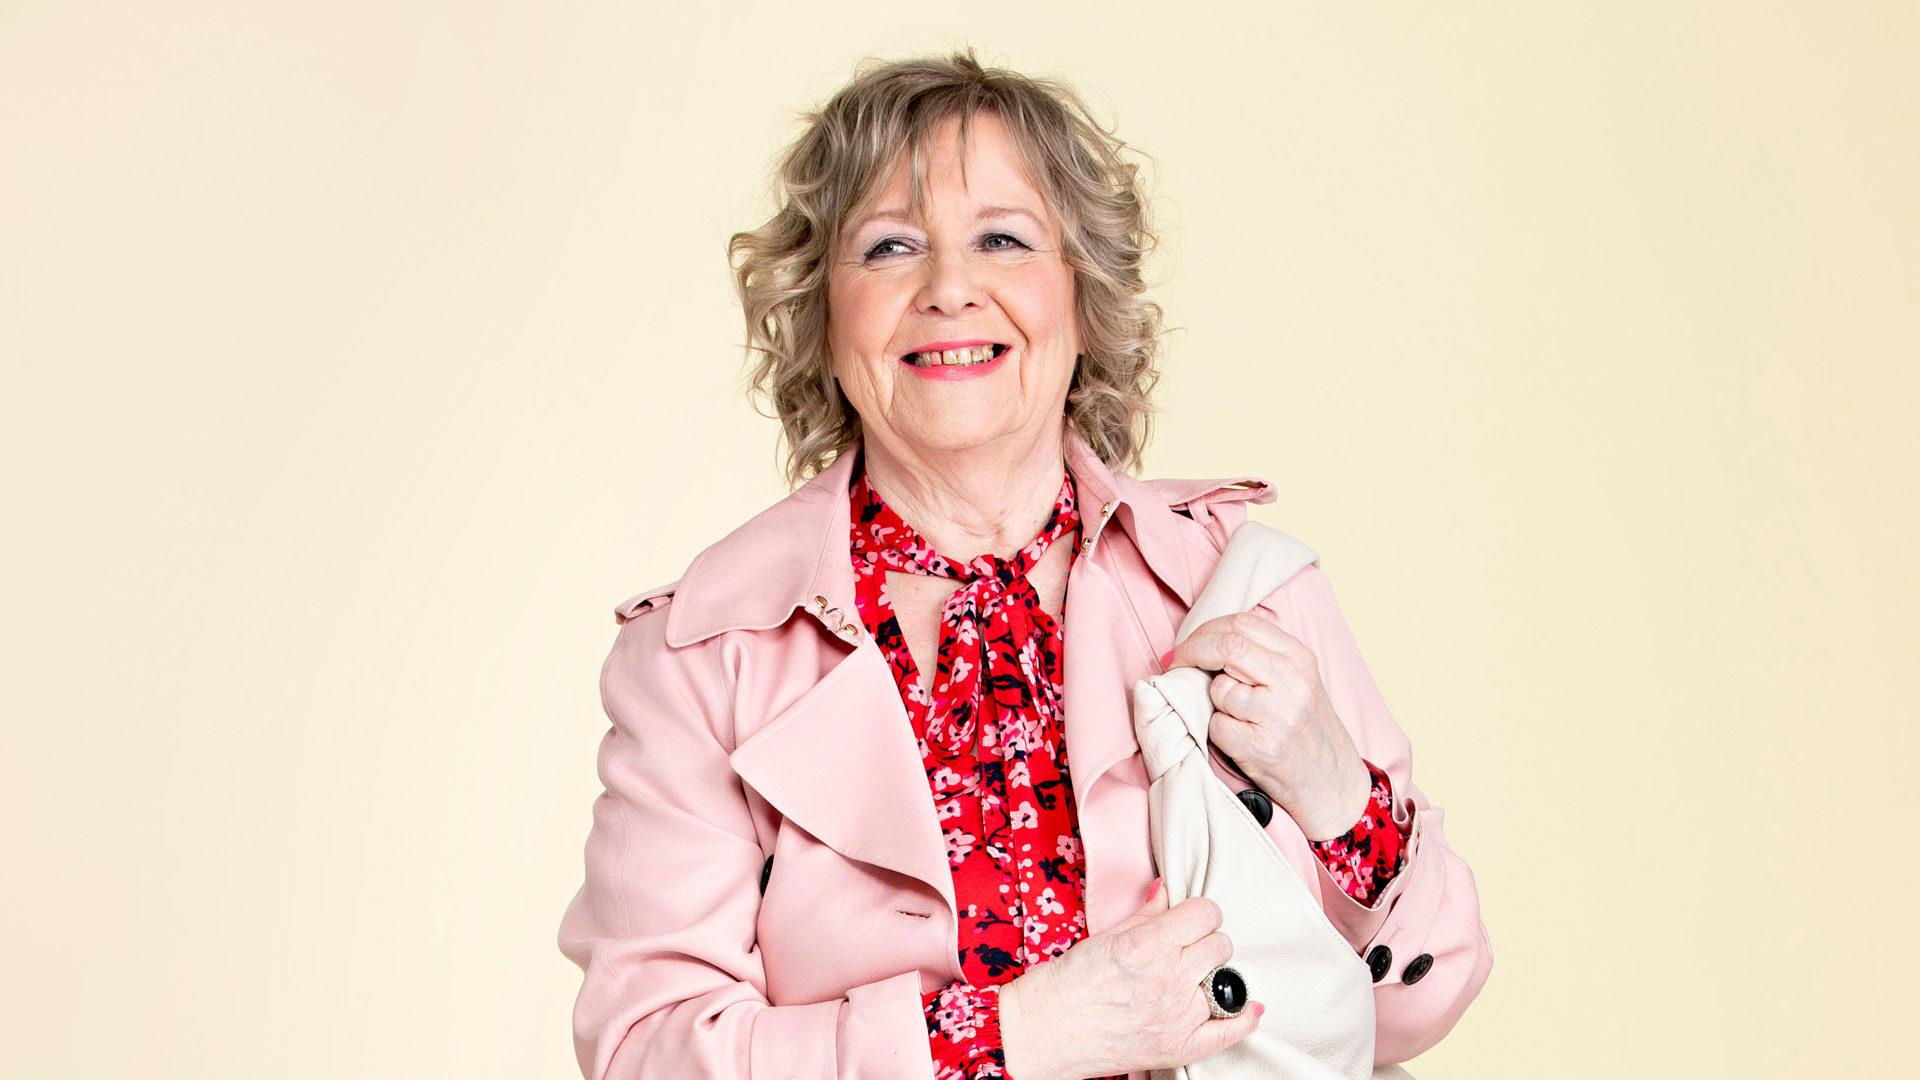 Povekas Sirkka-Liisa Vänskä